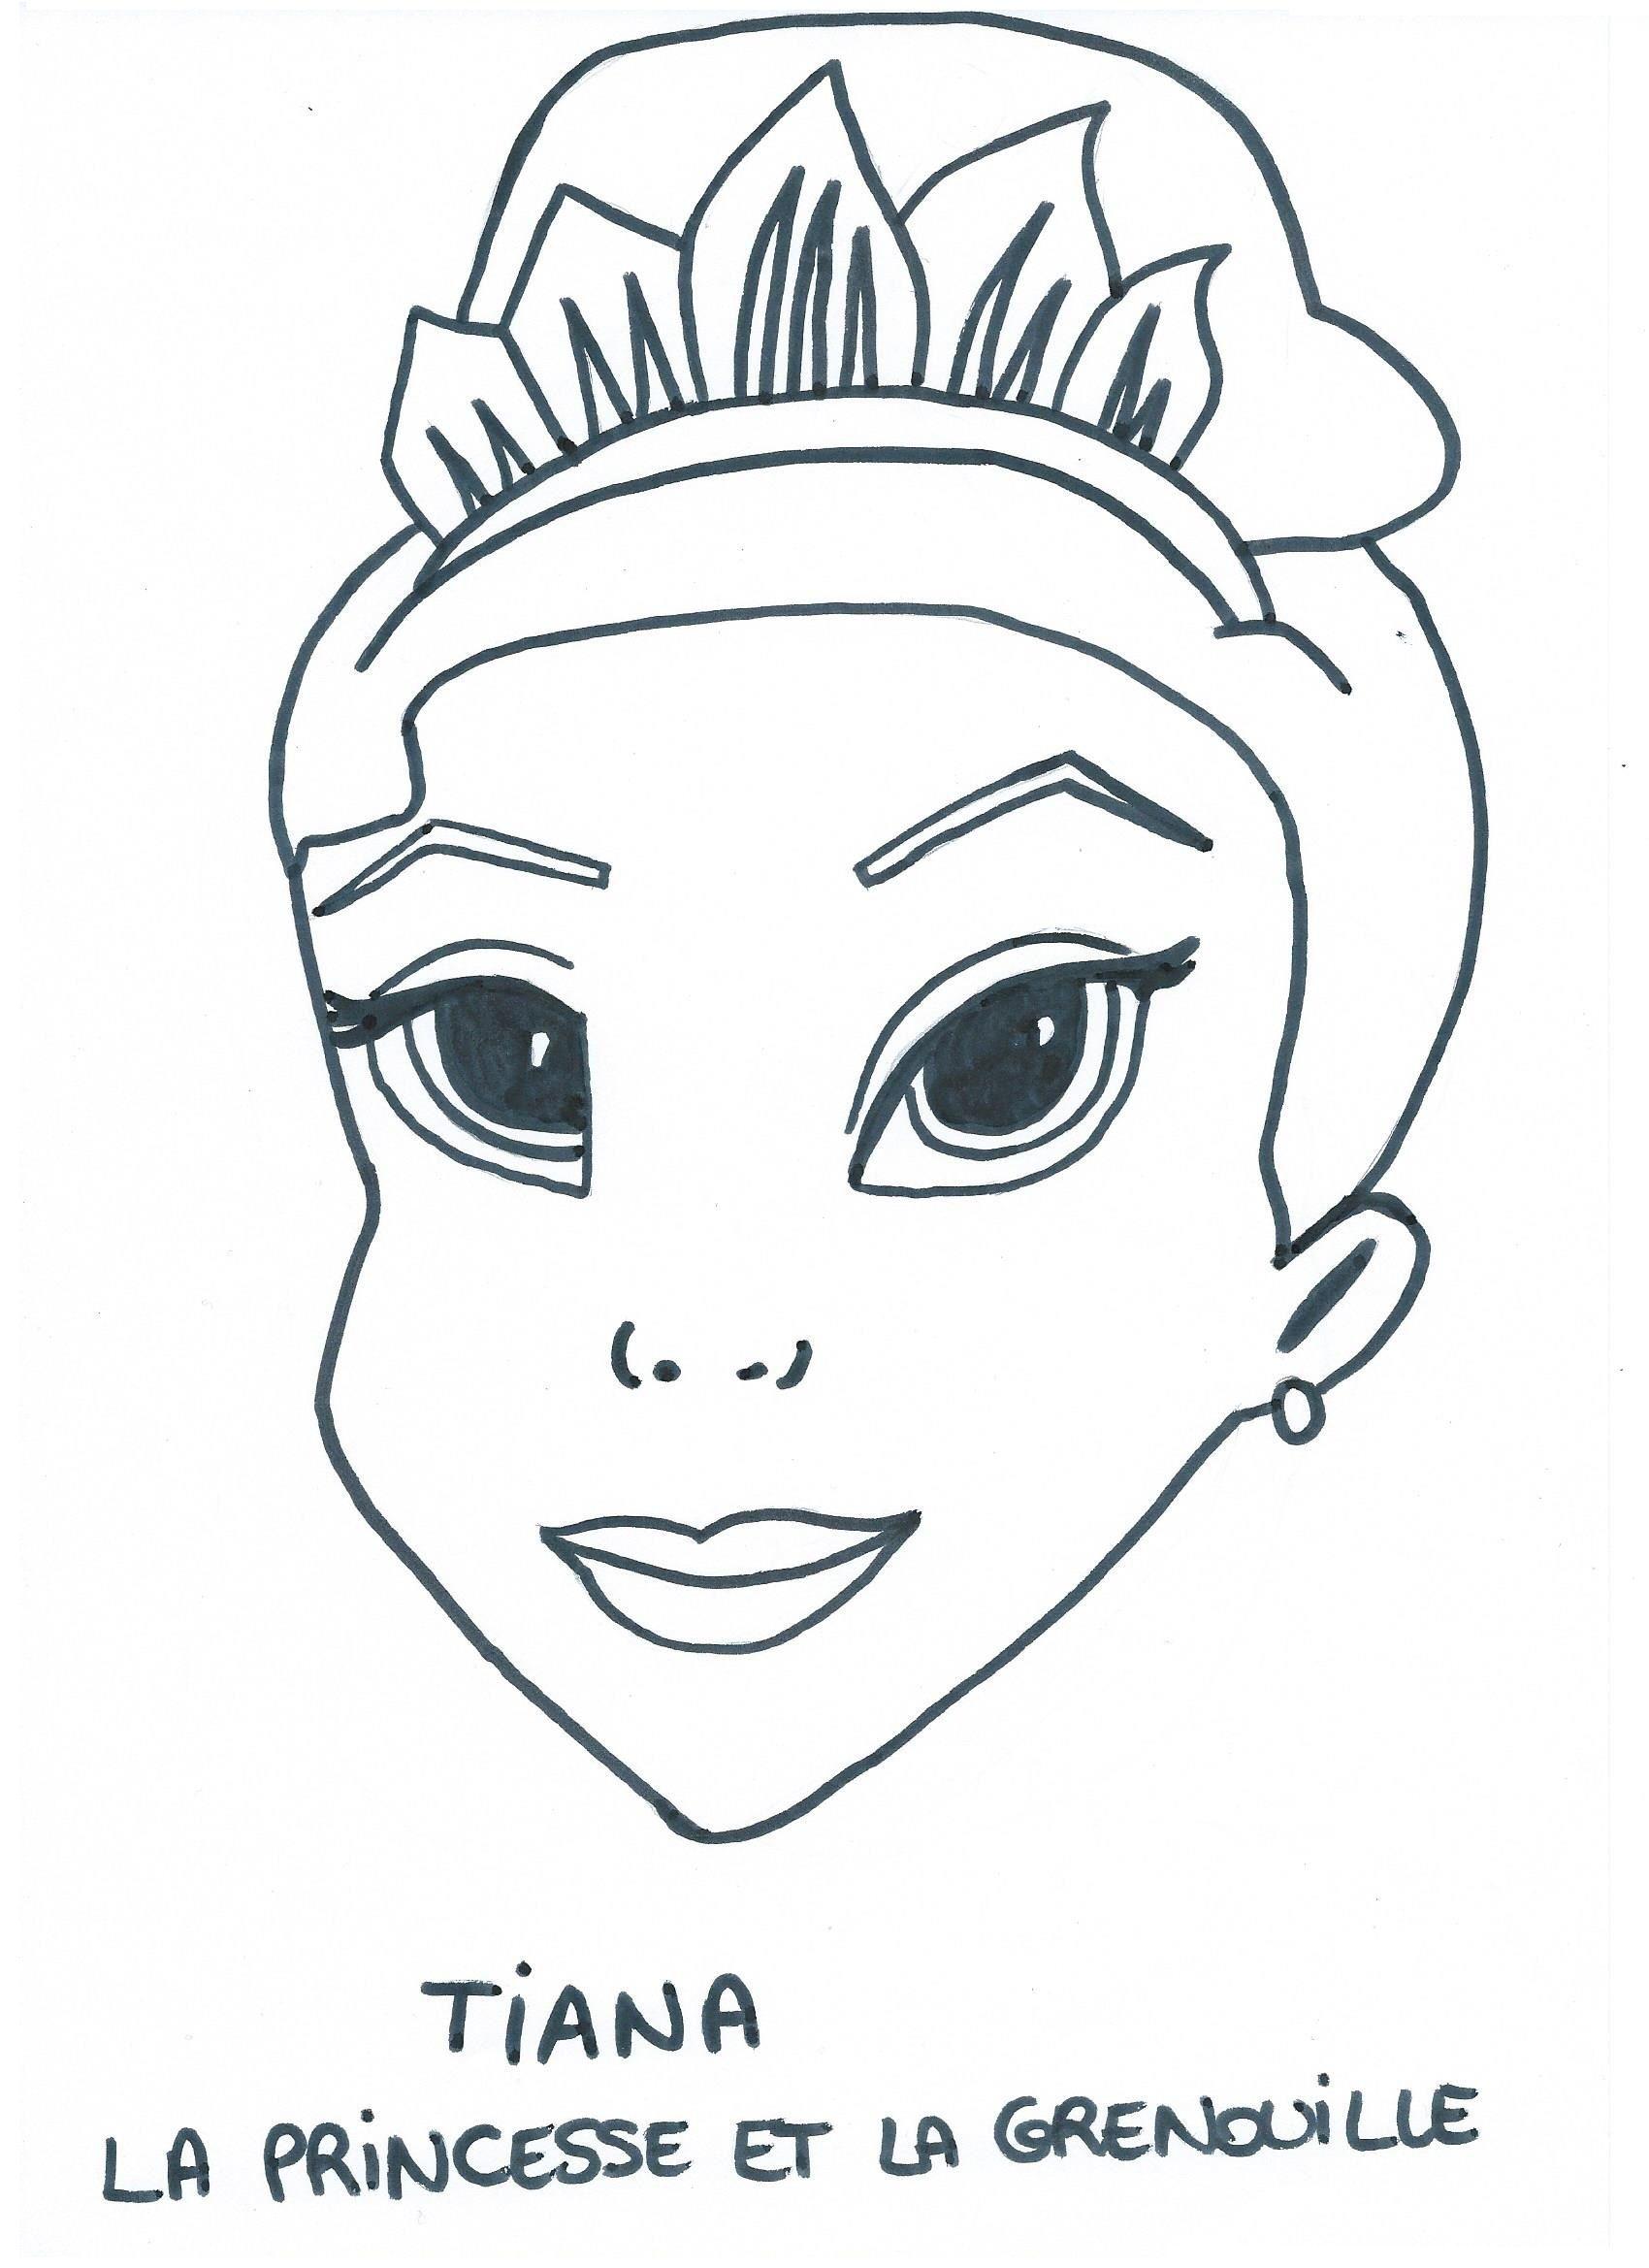 Masque tiana dans la princesse et la grenouille - La princesse et la grnouille ...